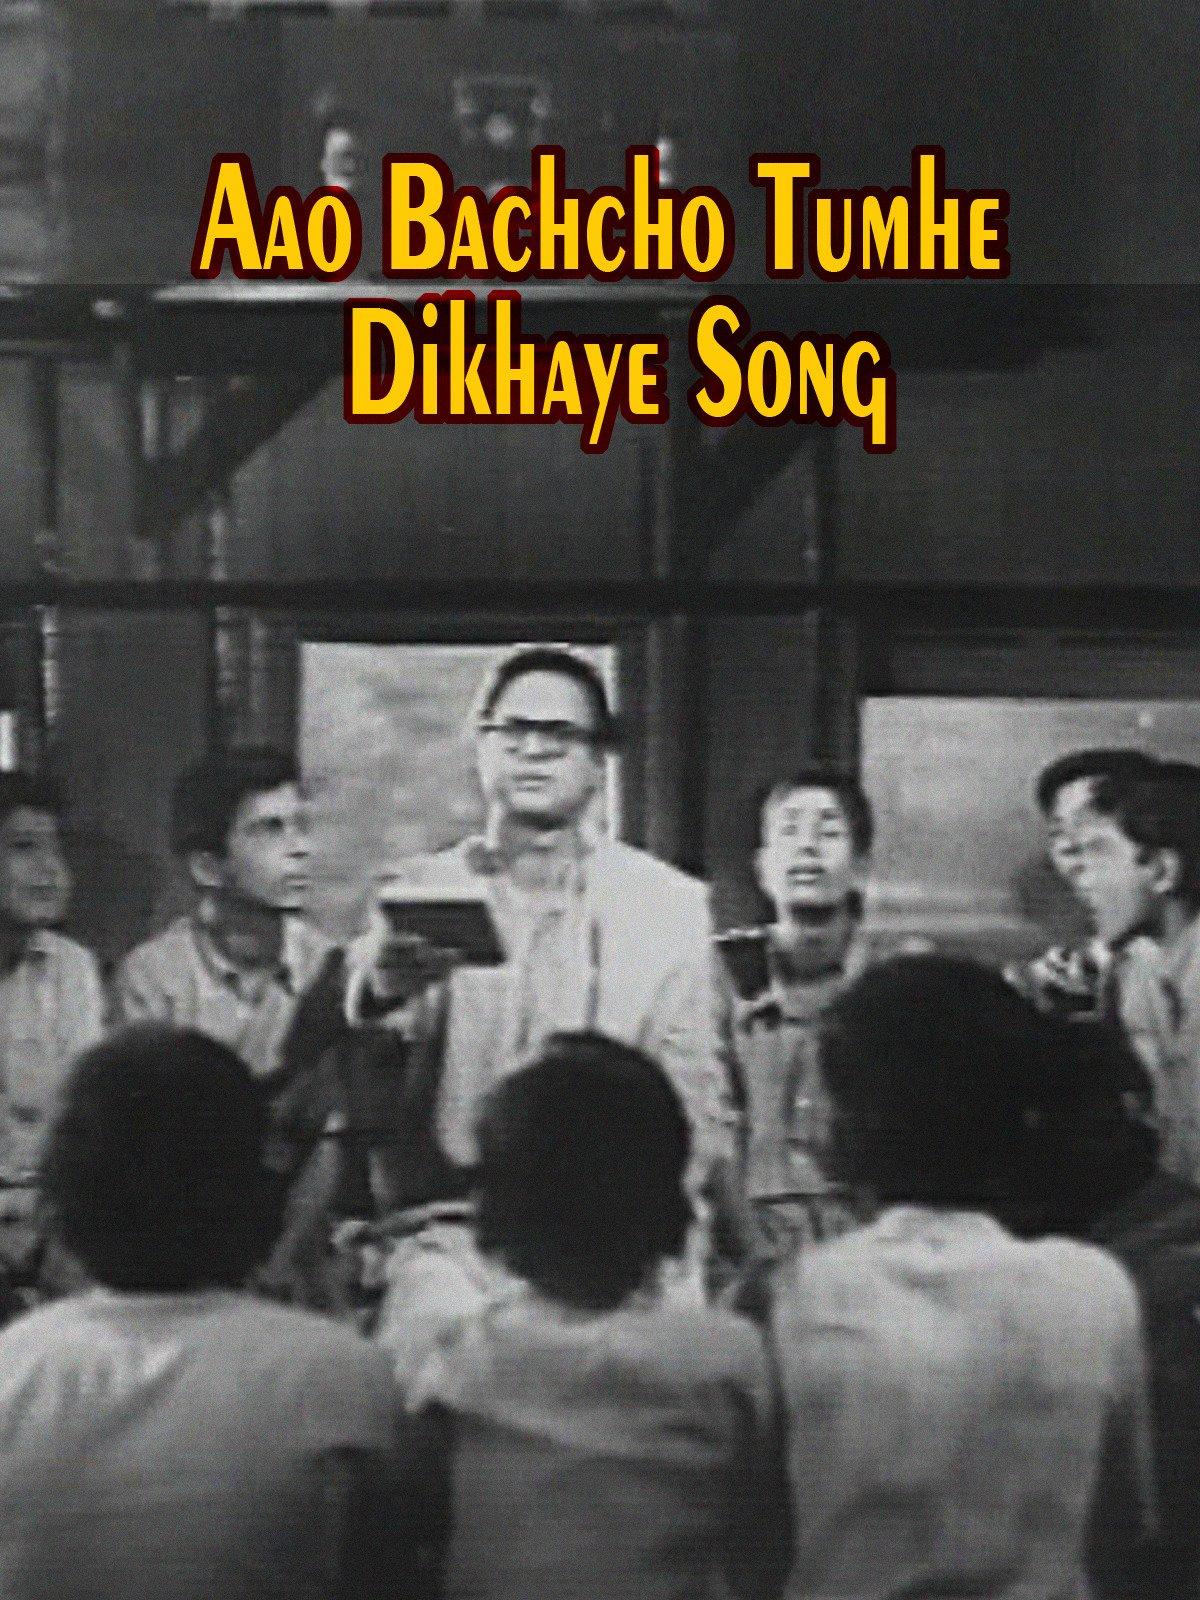 Aao Bachcho Tumhe Dikhaye Song